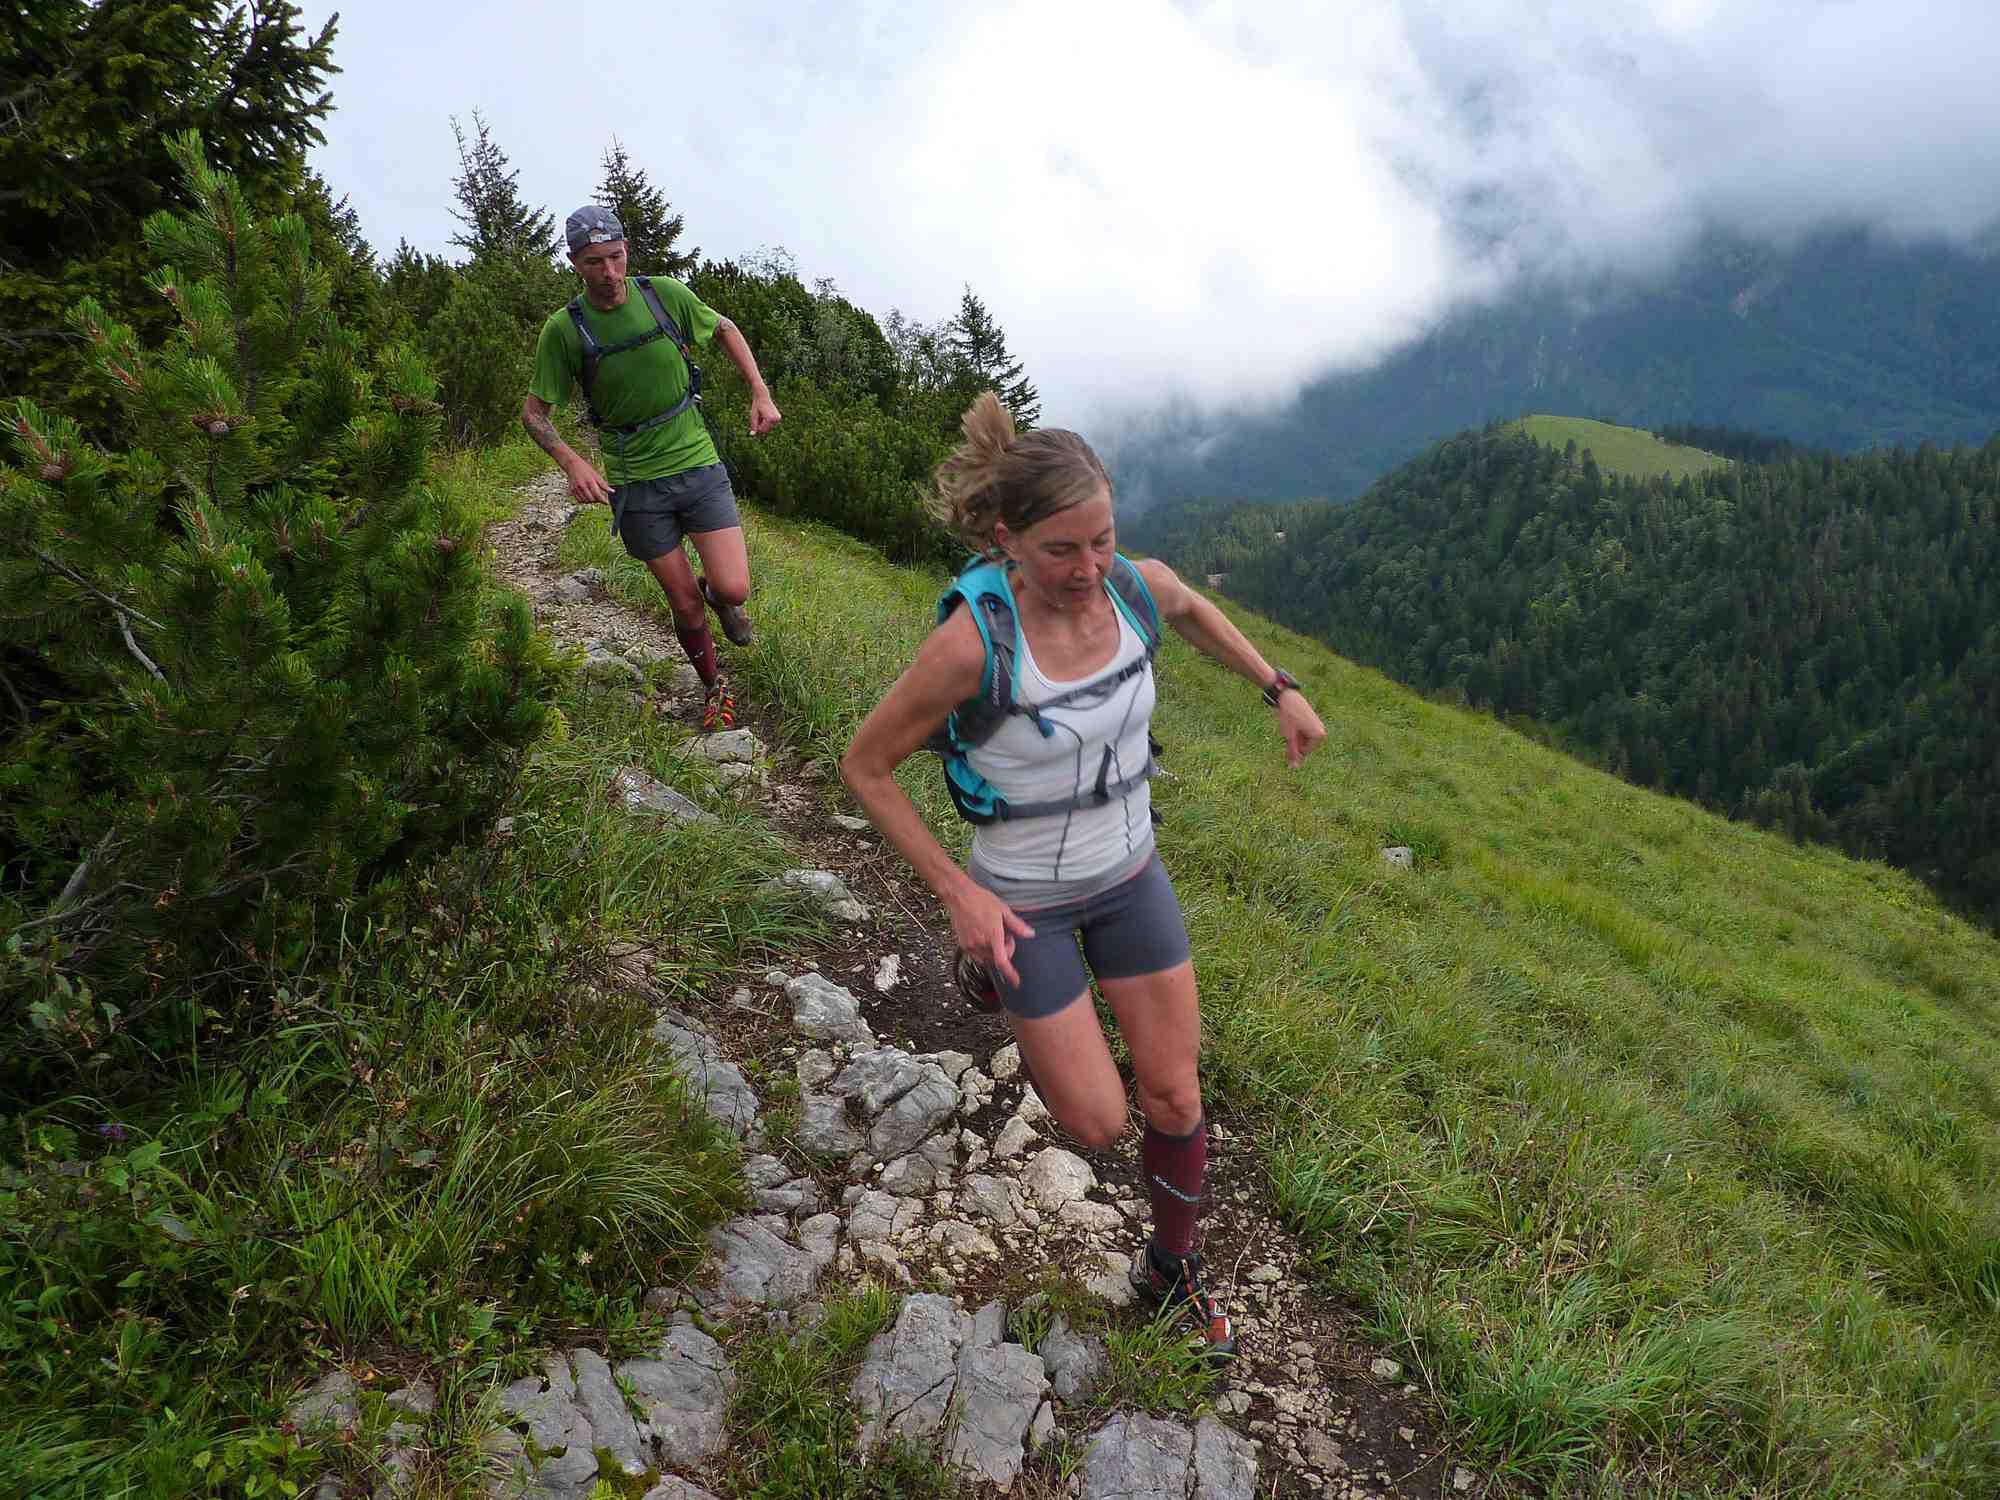 Flott durchs Gelände mit dem neuen Trailrunning Schuh von Salomon. Foto: (c) Salomon